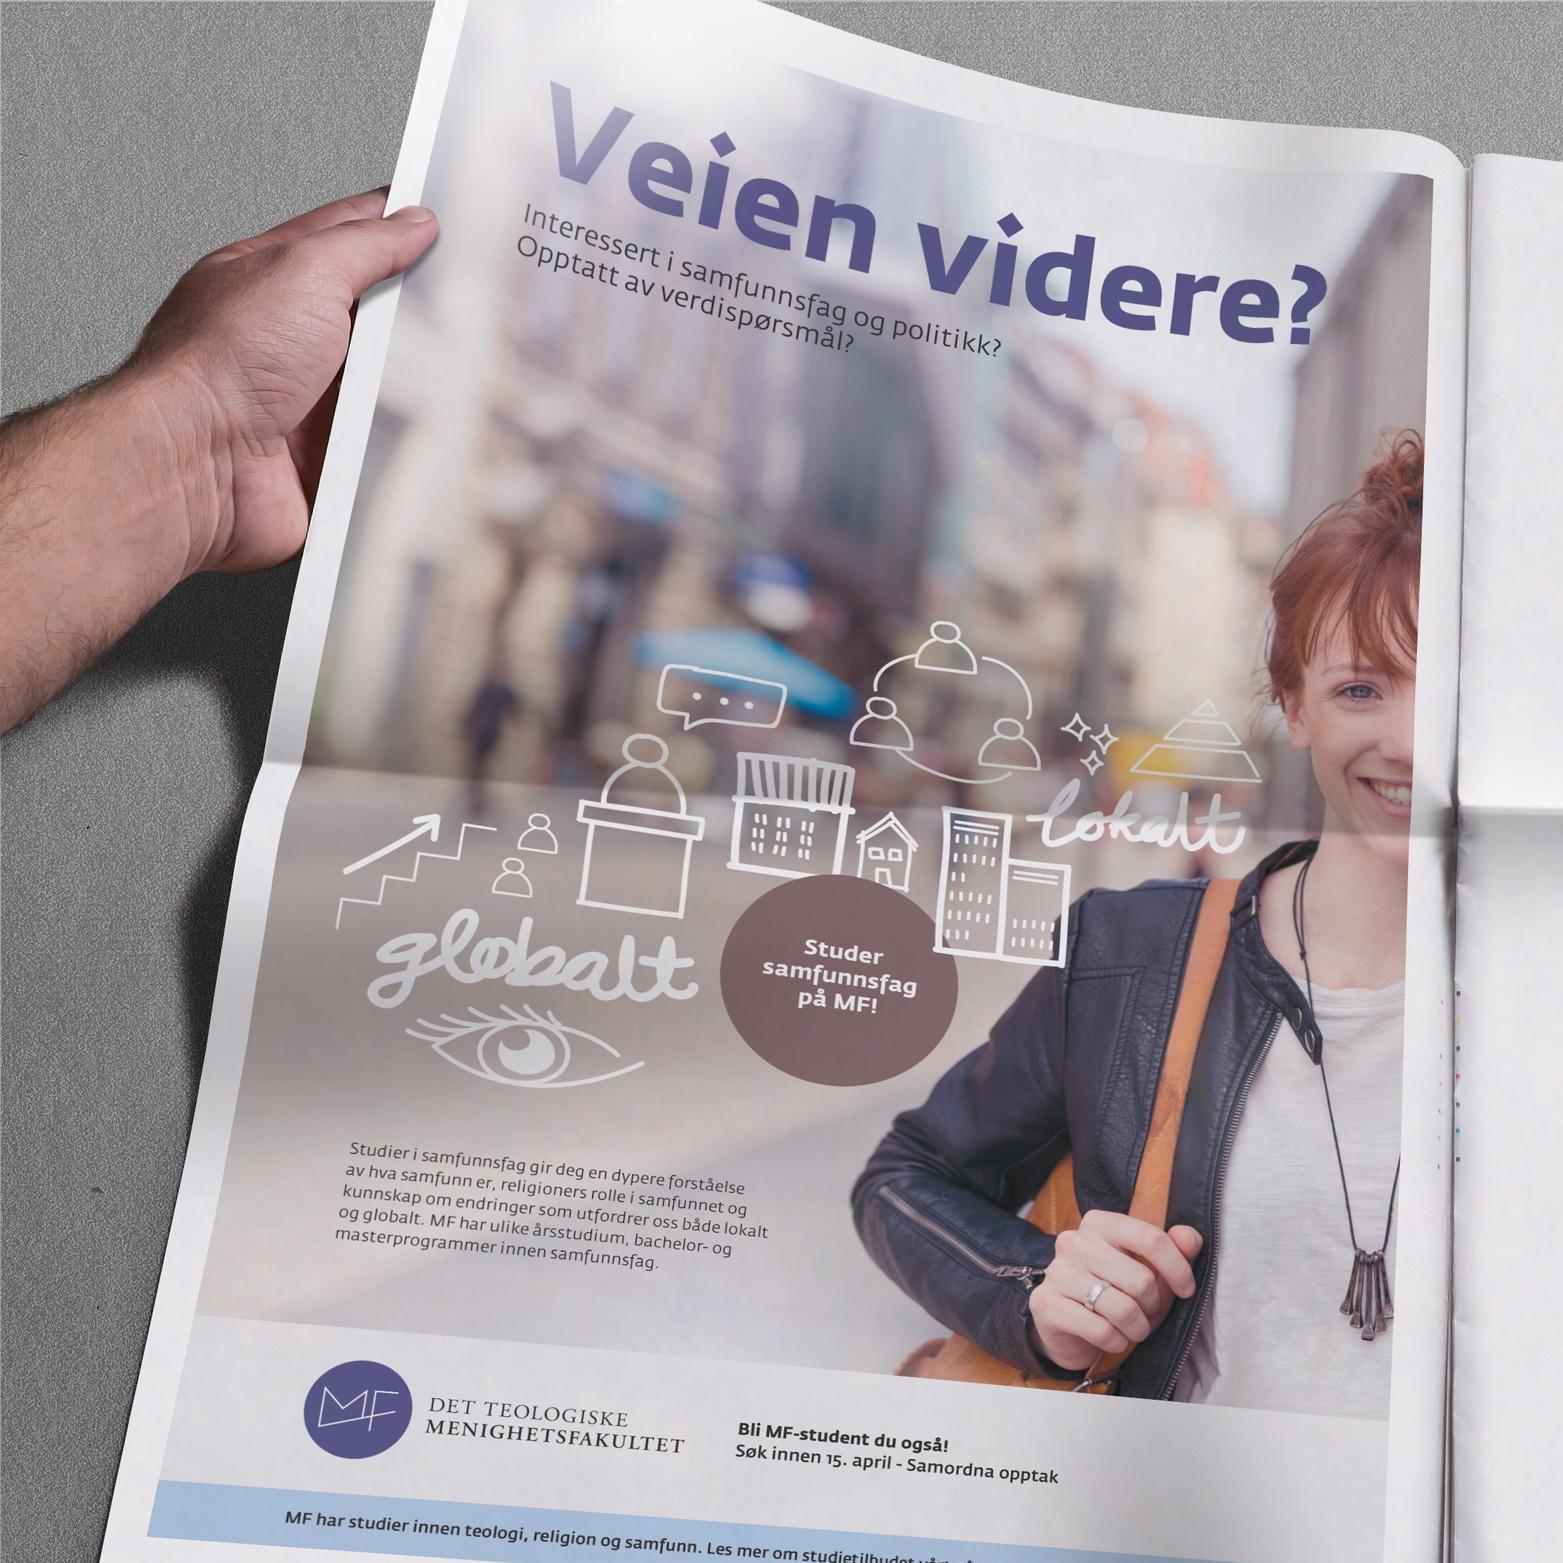 MF VEIEN VIDERE Grafisk design, illustrasjon